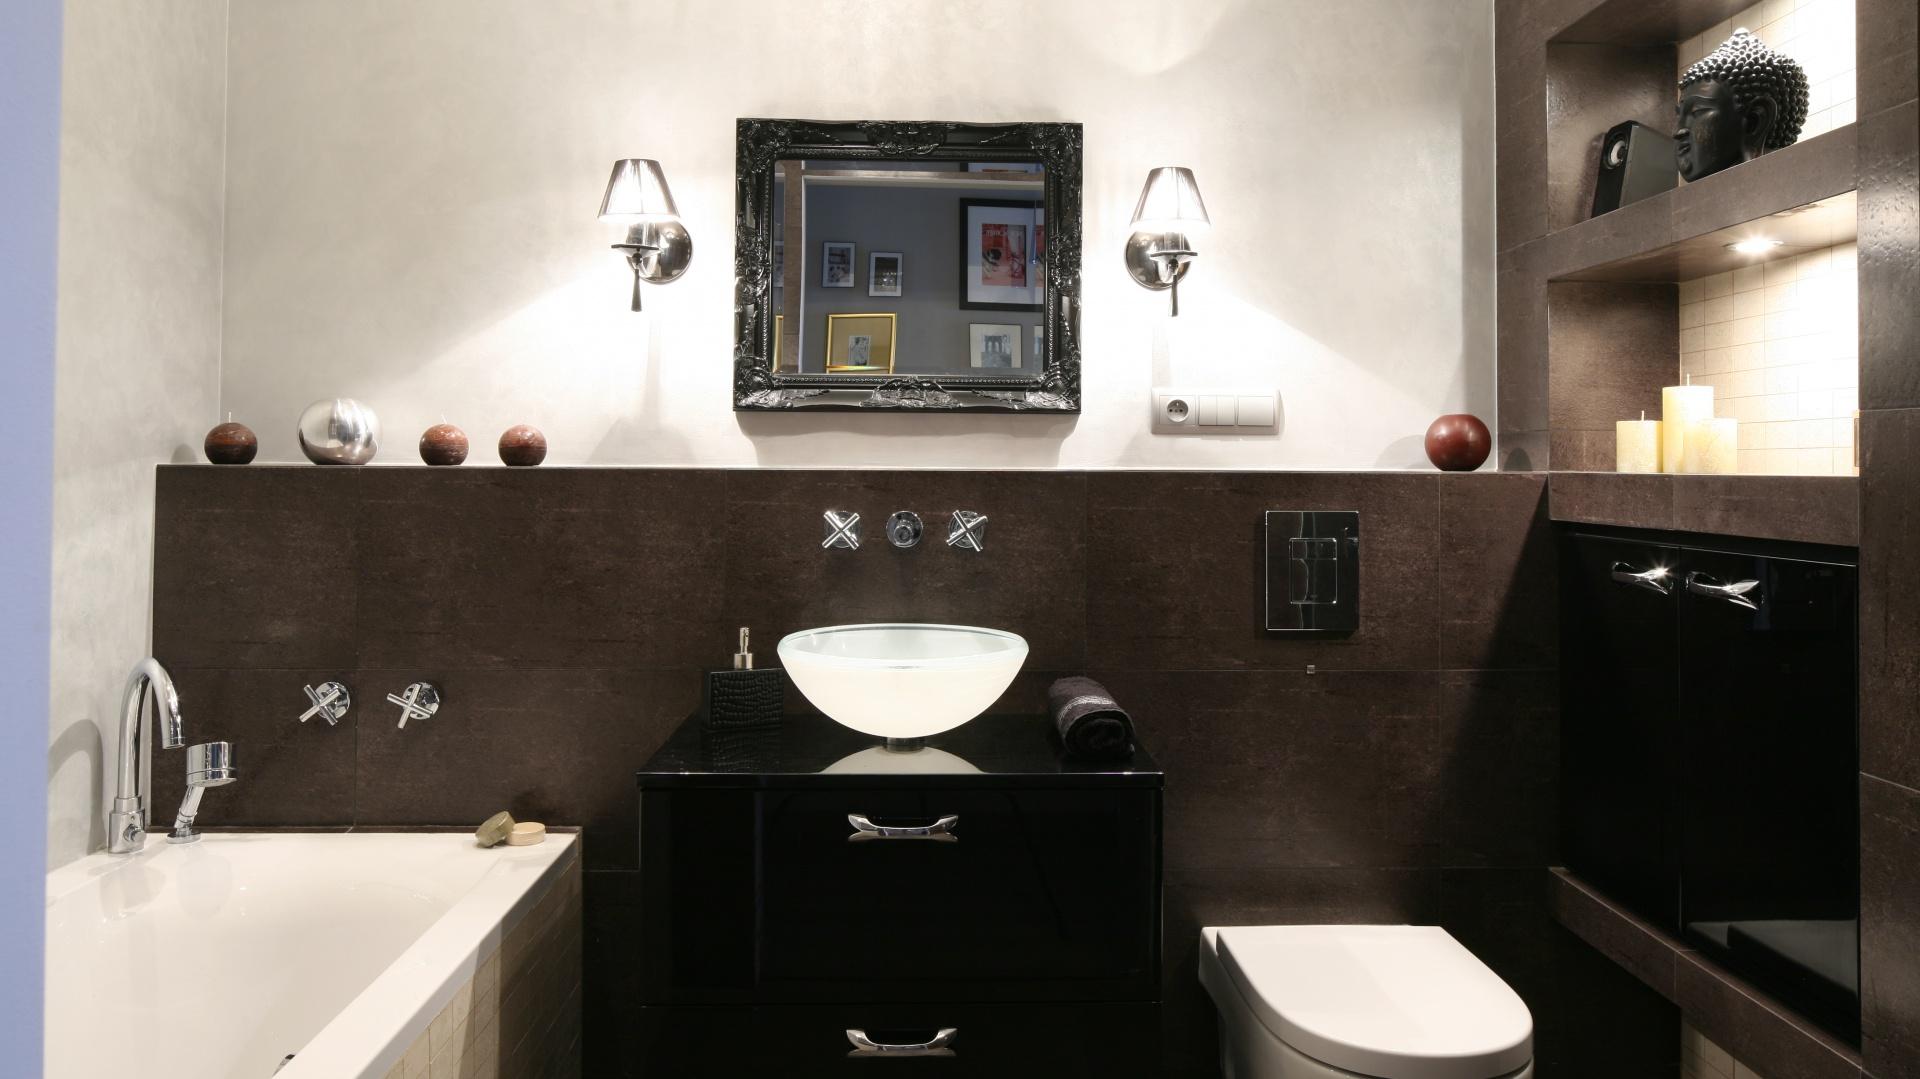 łazienka W Bloku Zobacz Gotowe Projekty Wnętrz